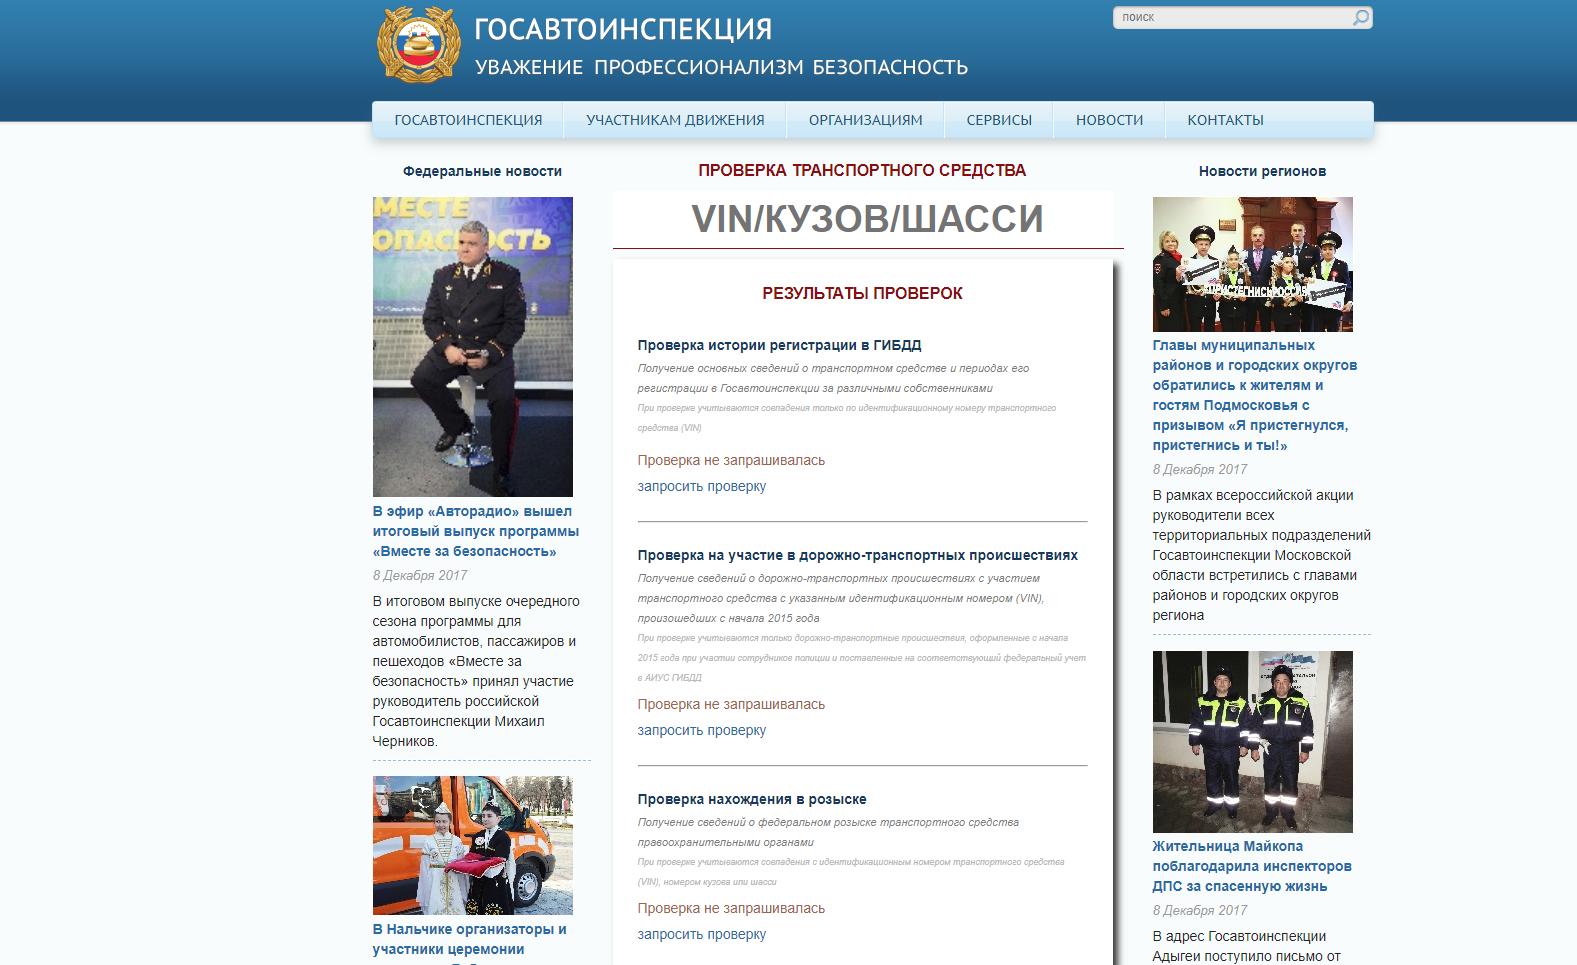 Как узнать владельца авто по номеру машины через интернет бесплатно казахстан